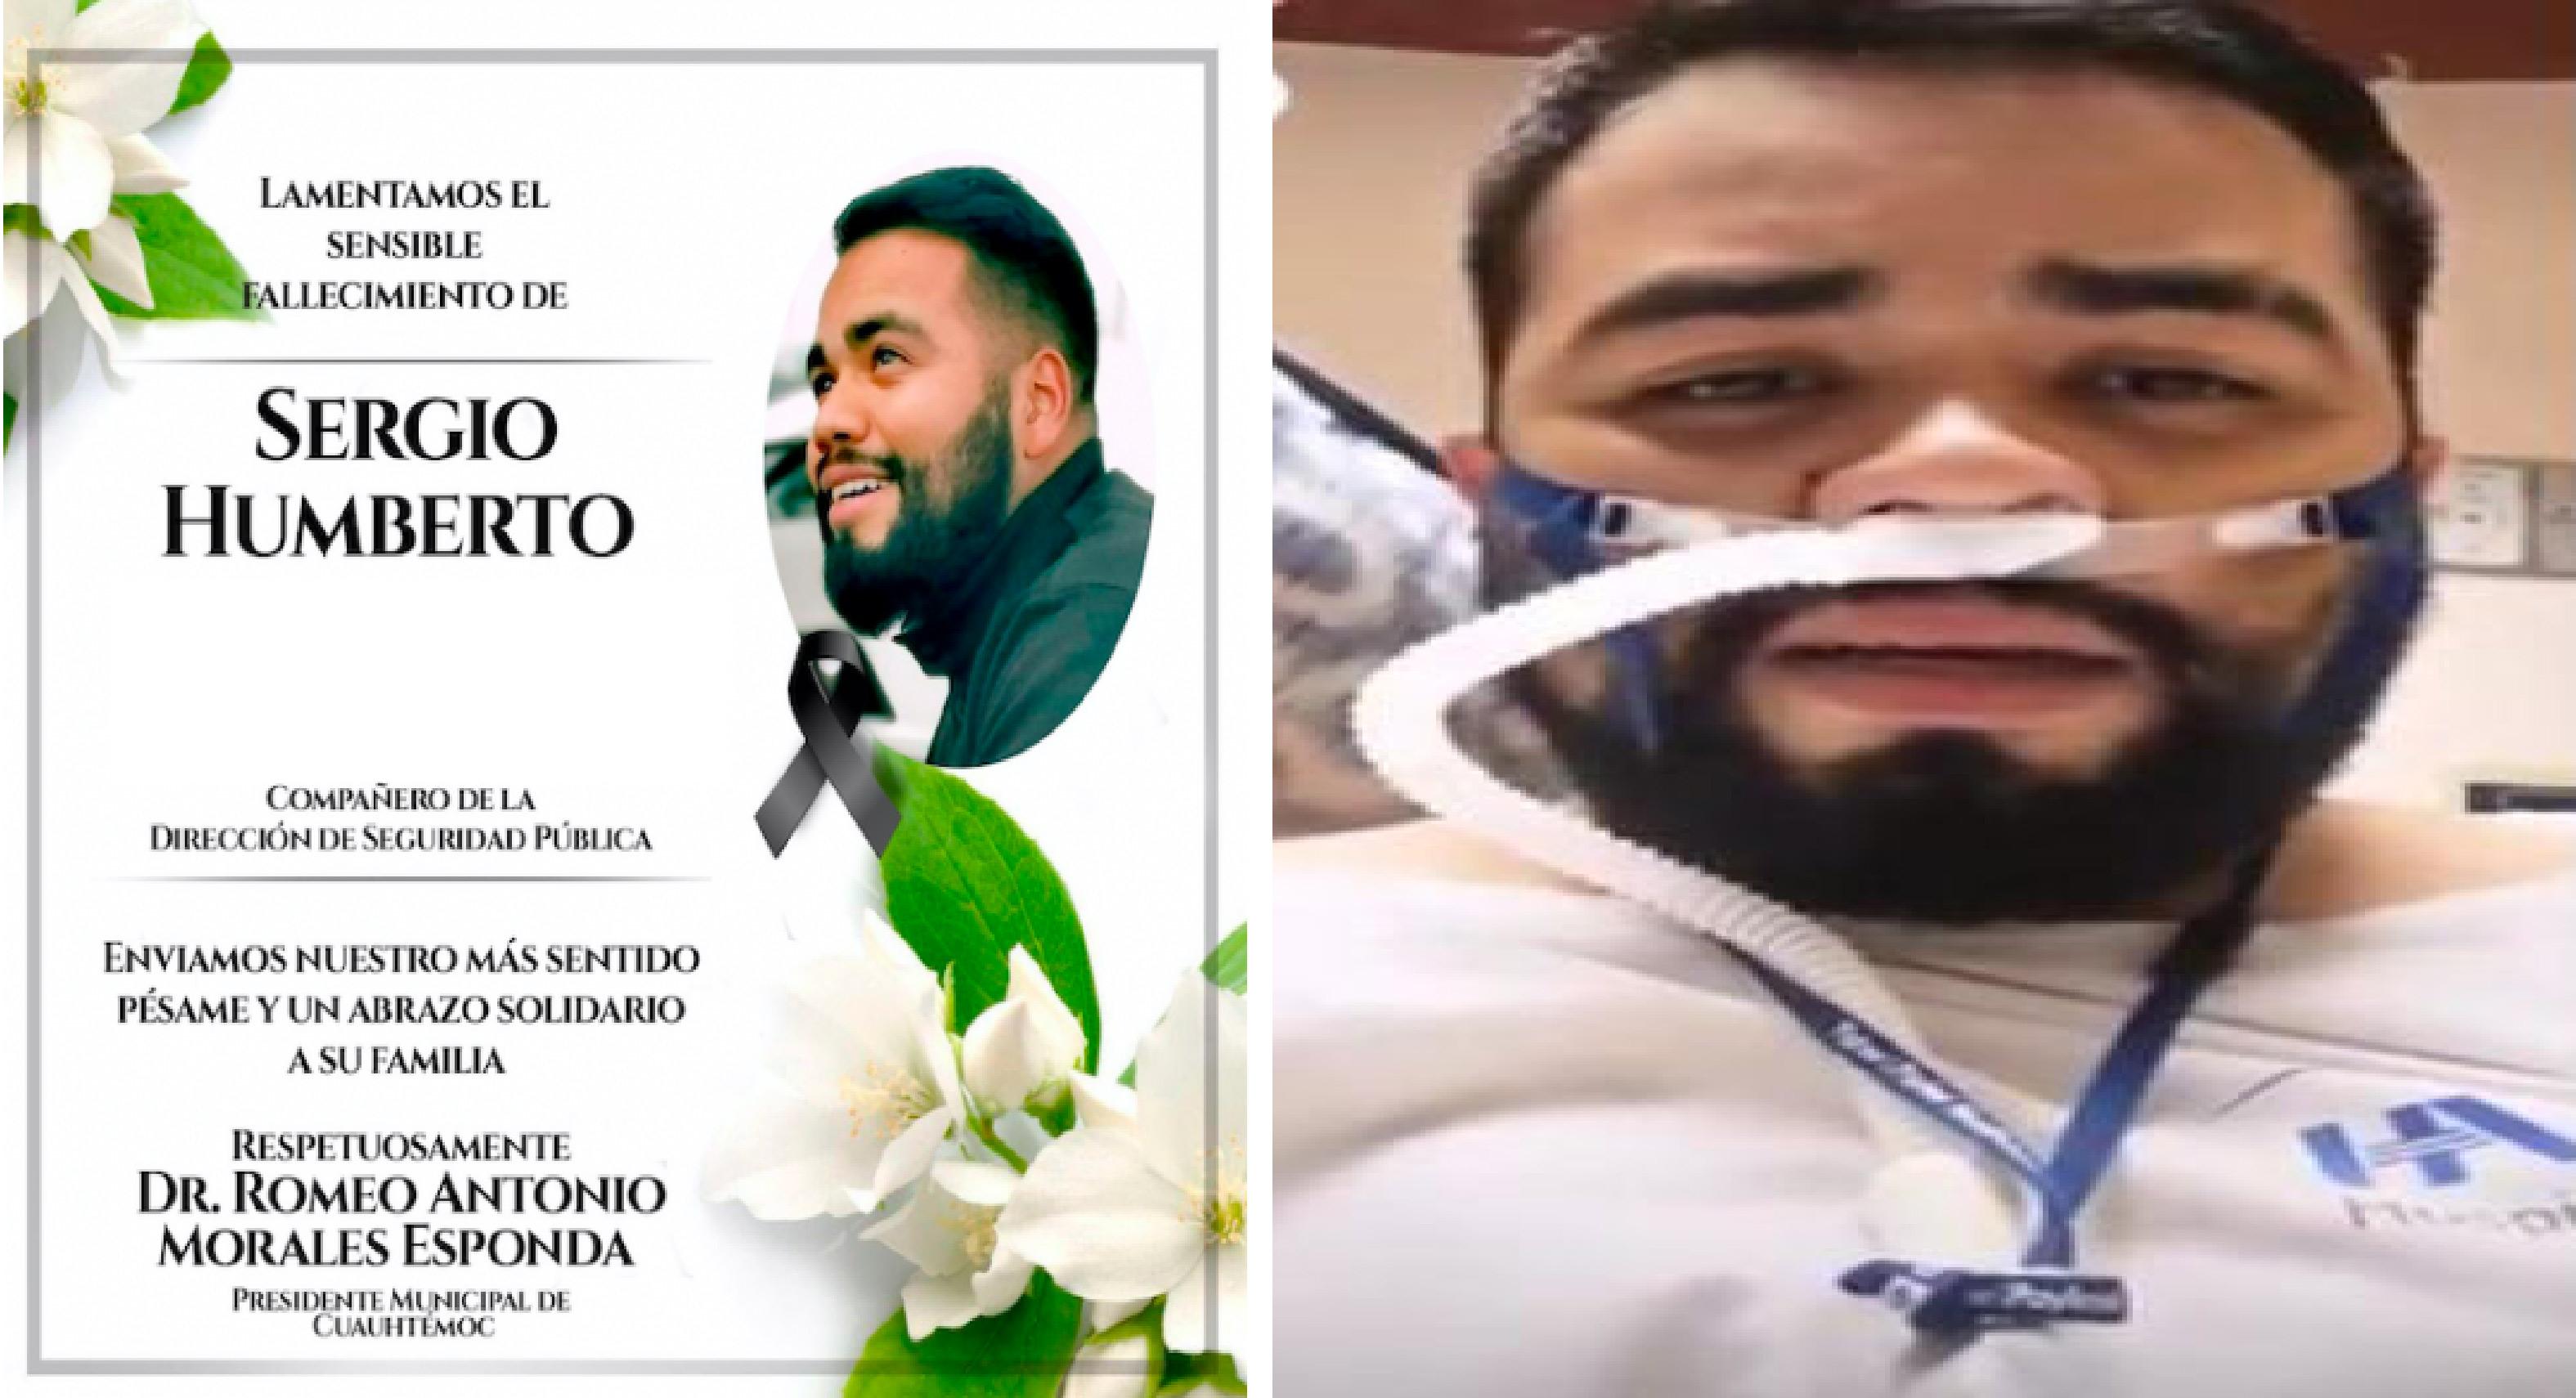 Últimas palabras de un enfermero antes de ser intubado y morir por COVID-19    VIDEO